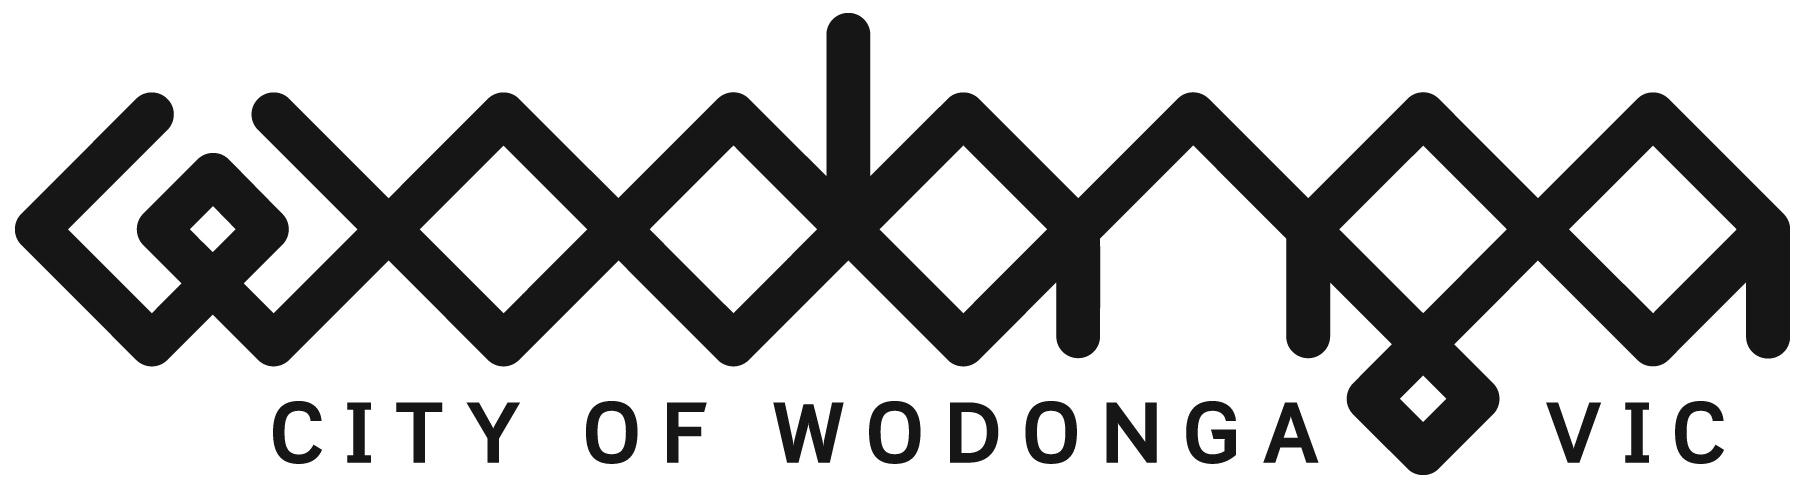 Wodonga_BW